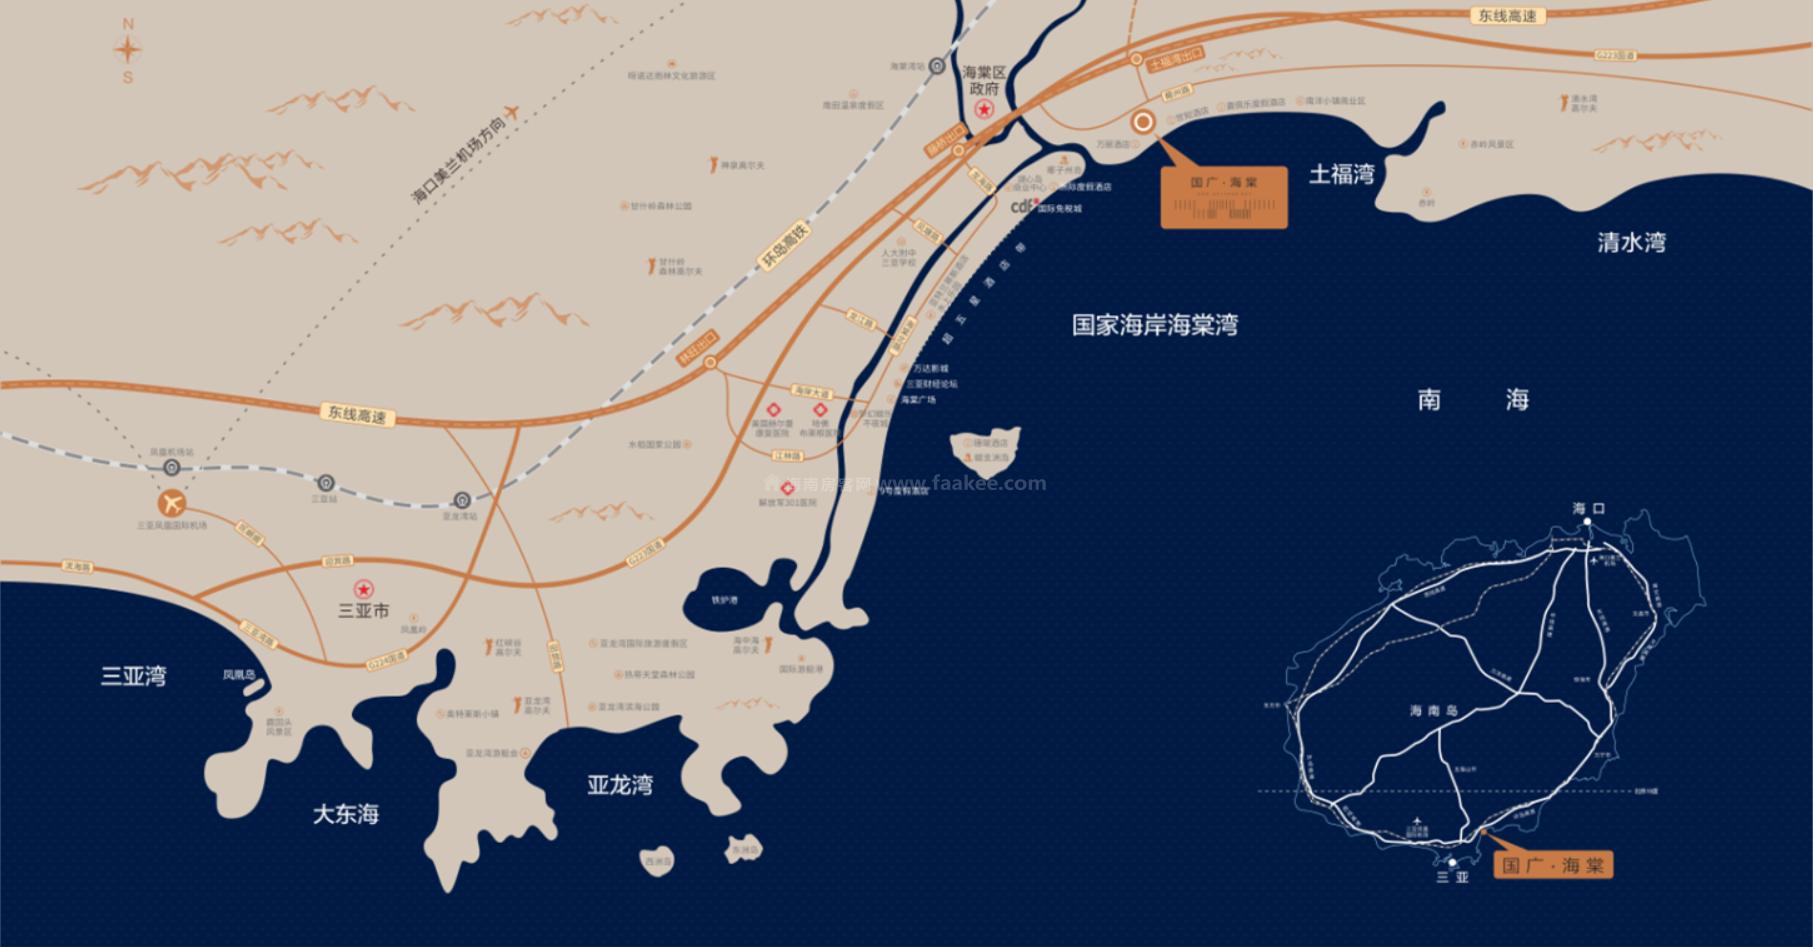 国广海棠湾区位图